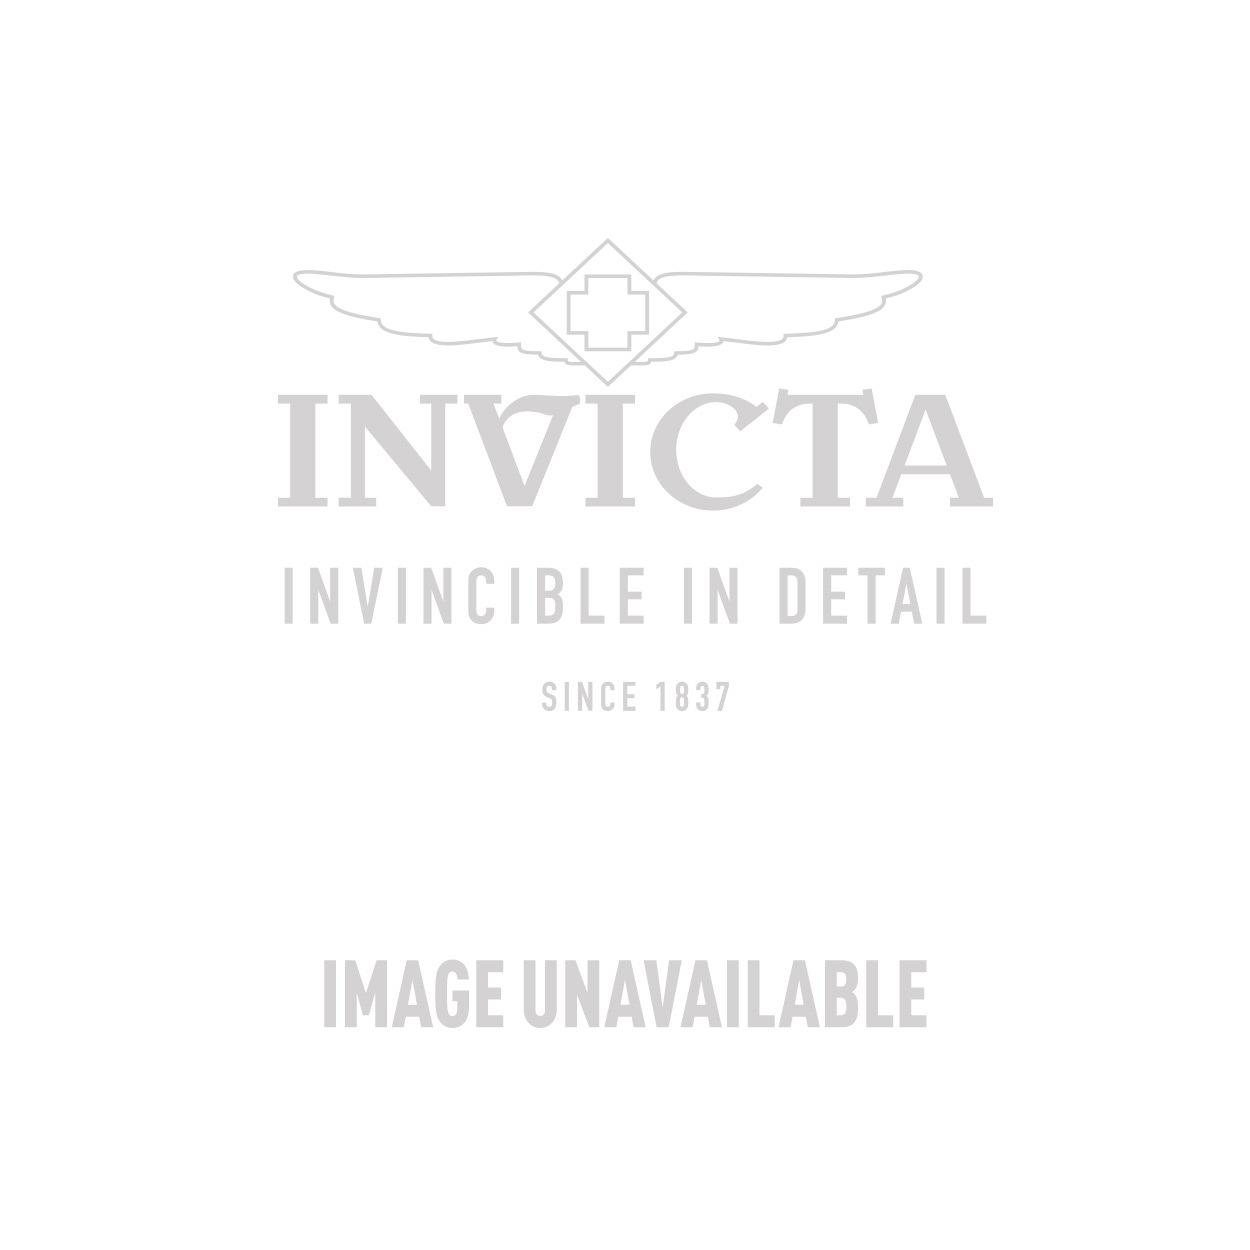 Invicta Model 24089